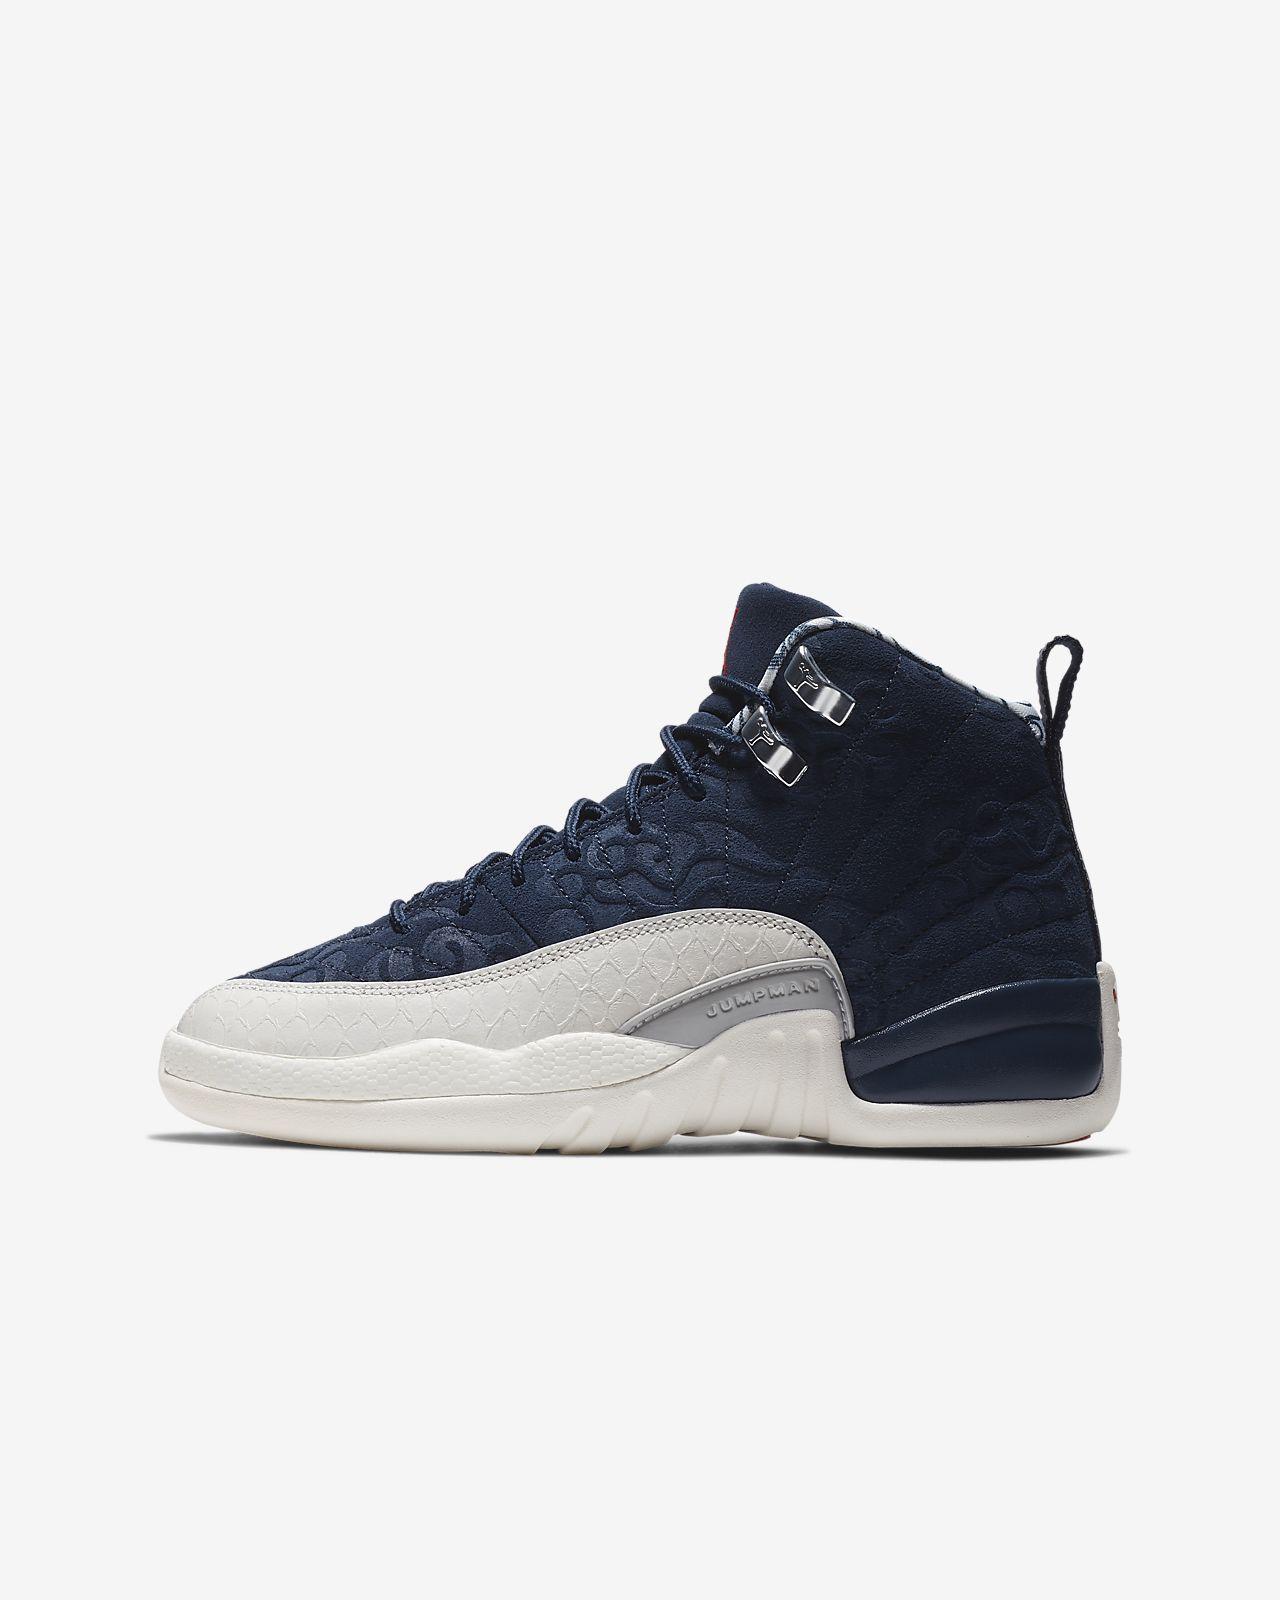 Air Jordan 12 Retro Premium 大童鞋款